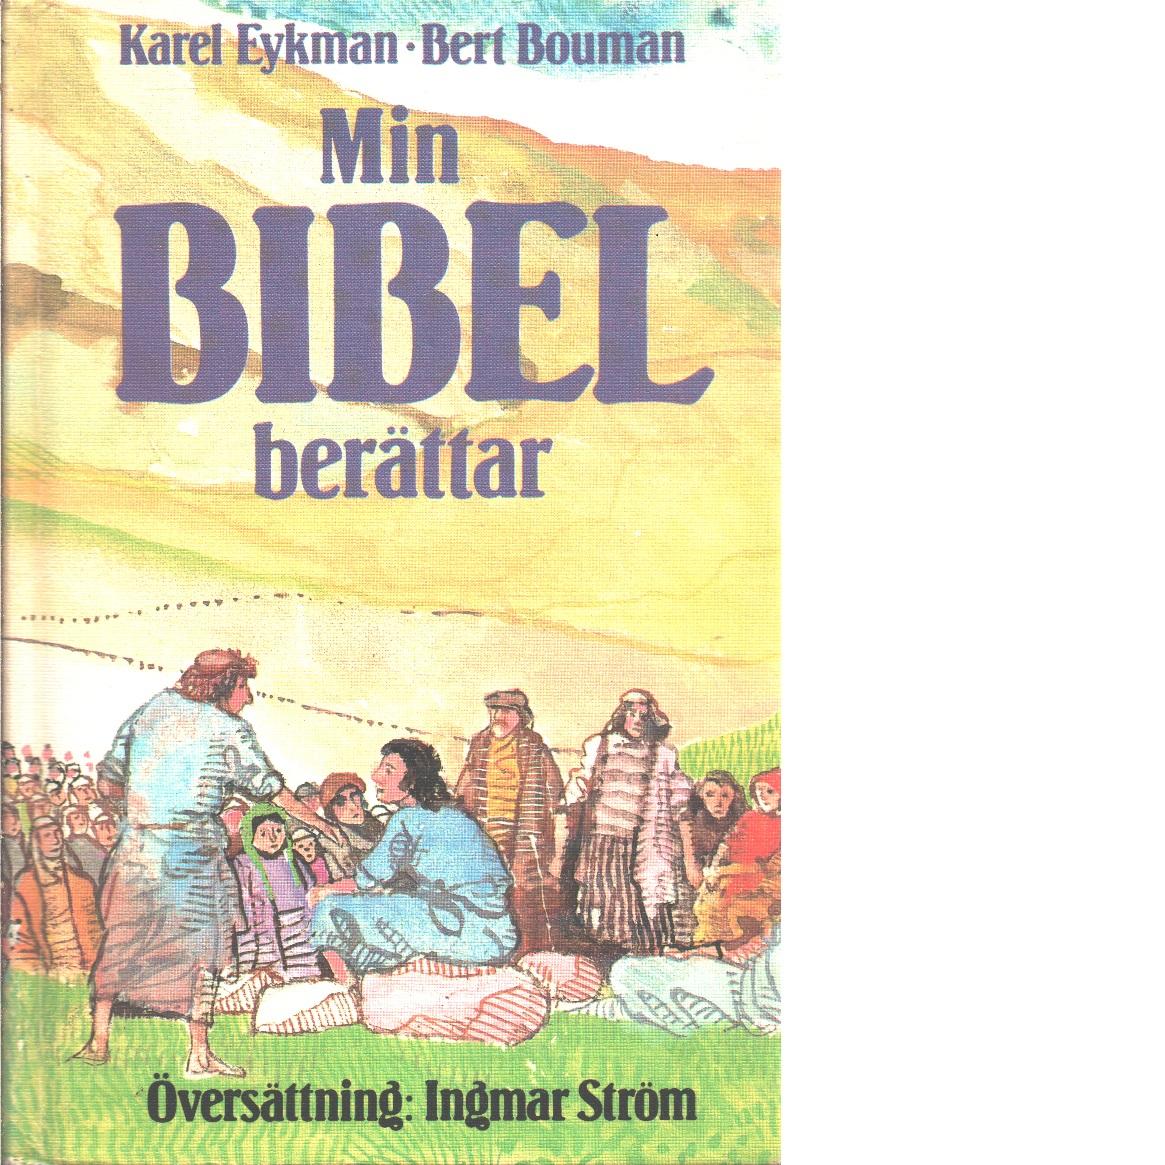 Min bibel berättar - Eykman, Karel